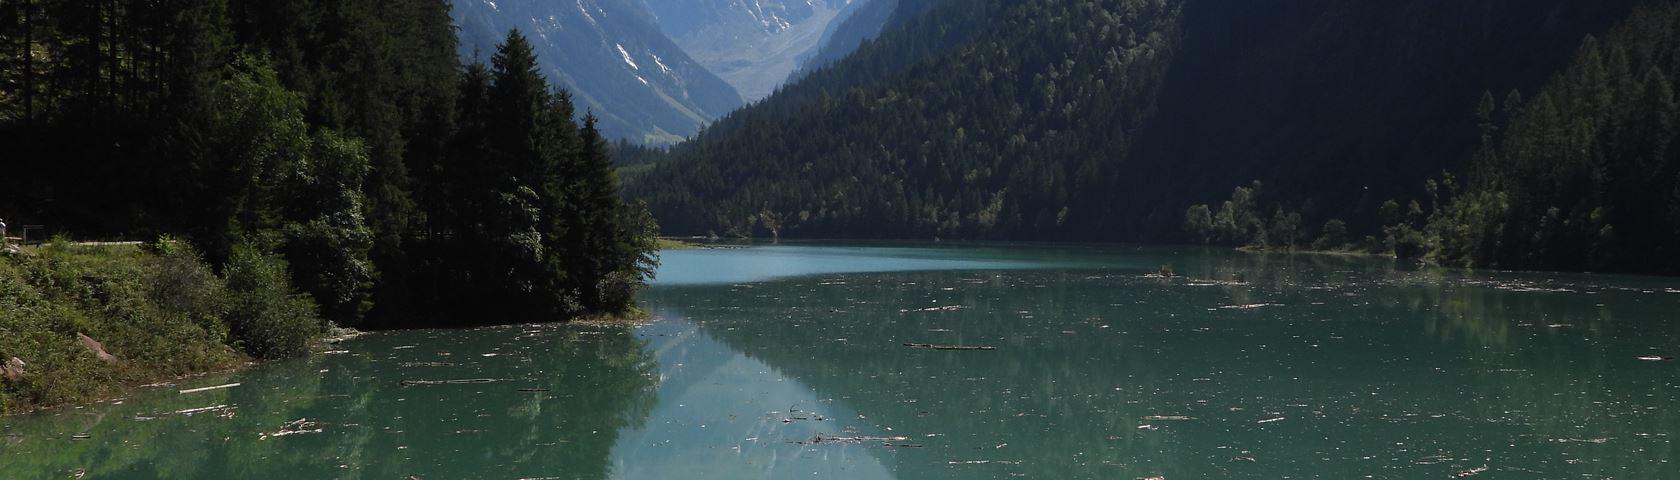 Stilluptal Stausee in Austria